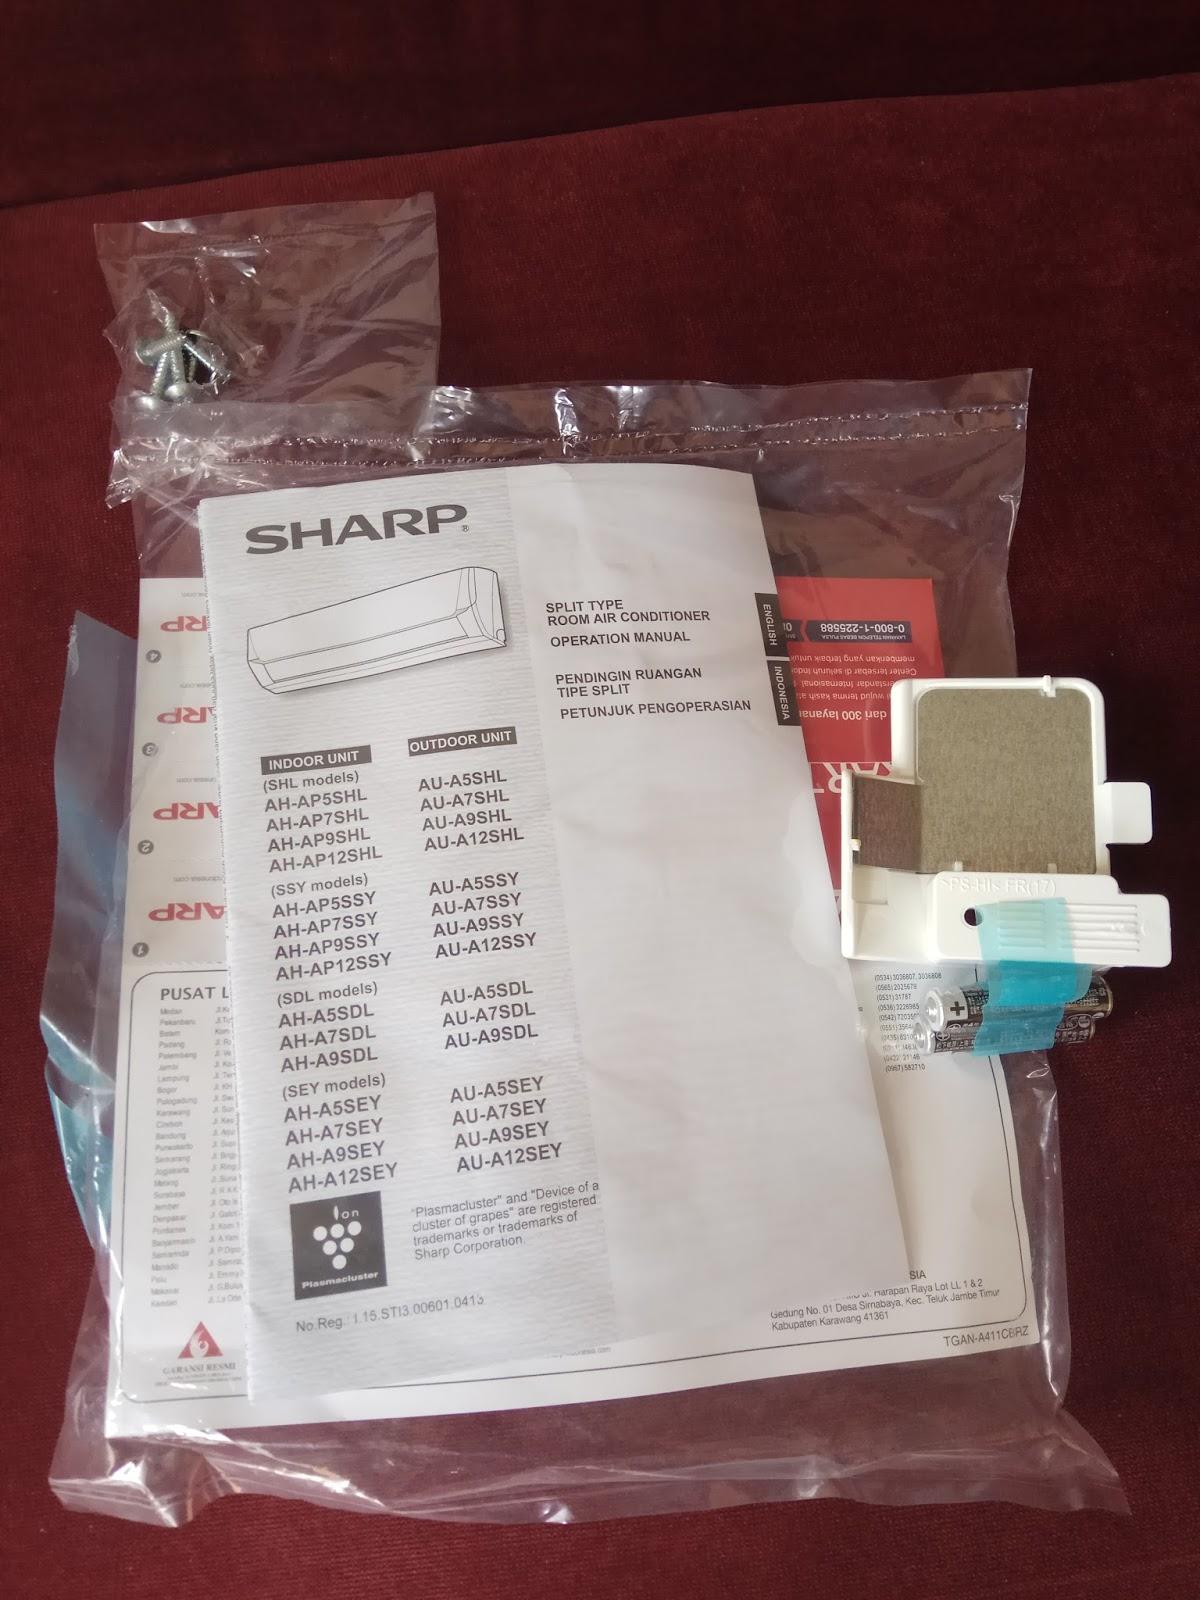 Pengalaman Membeli Ac Sharp Ah A5sey Mambo Djumbo 1 Pk A9sey Gratis Biaya Pengiriman Kartu Garansi Buku Petunjuk Remote Dan Baut Yang Merupakan Kelengkapan Dari Paket Pembelian